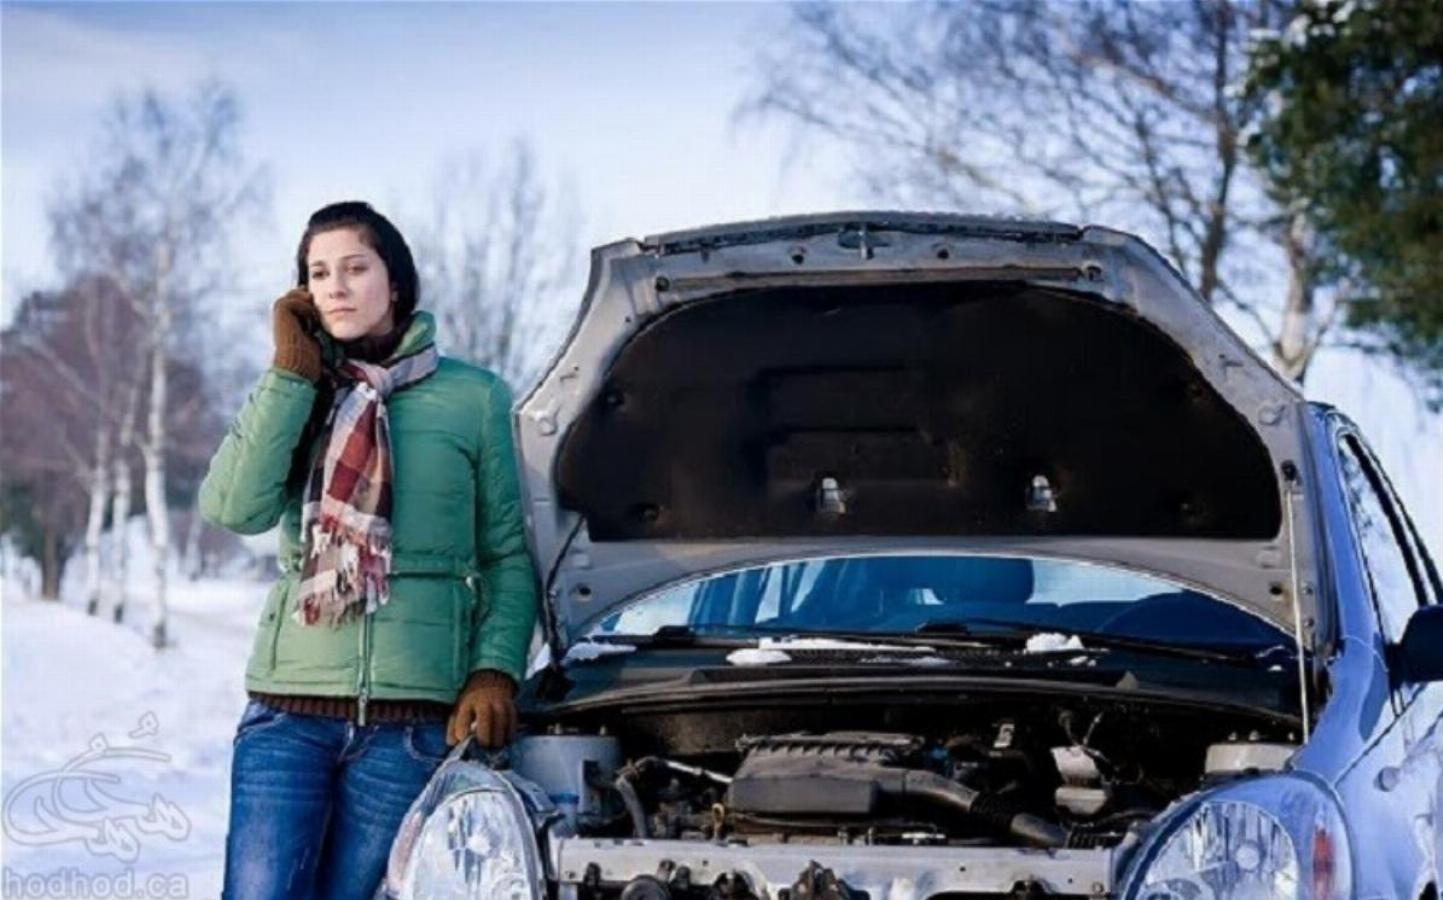 راهنمای کاربردی محافظت از باتری خودرو در هوای سرد